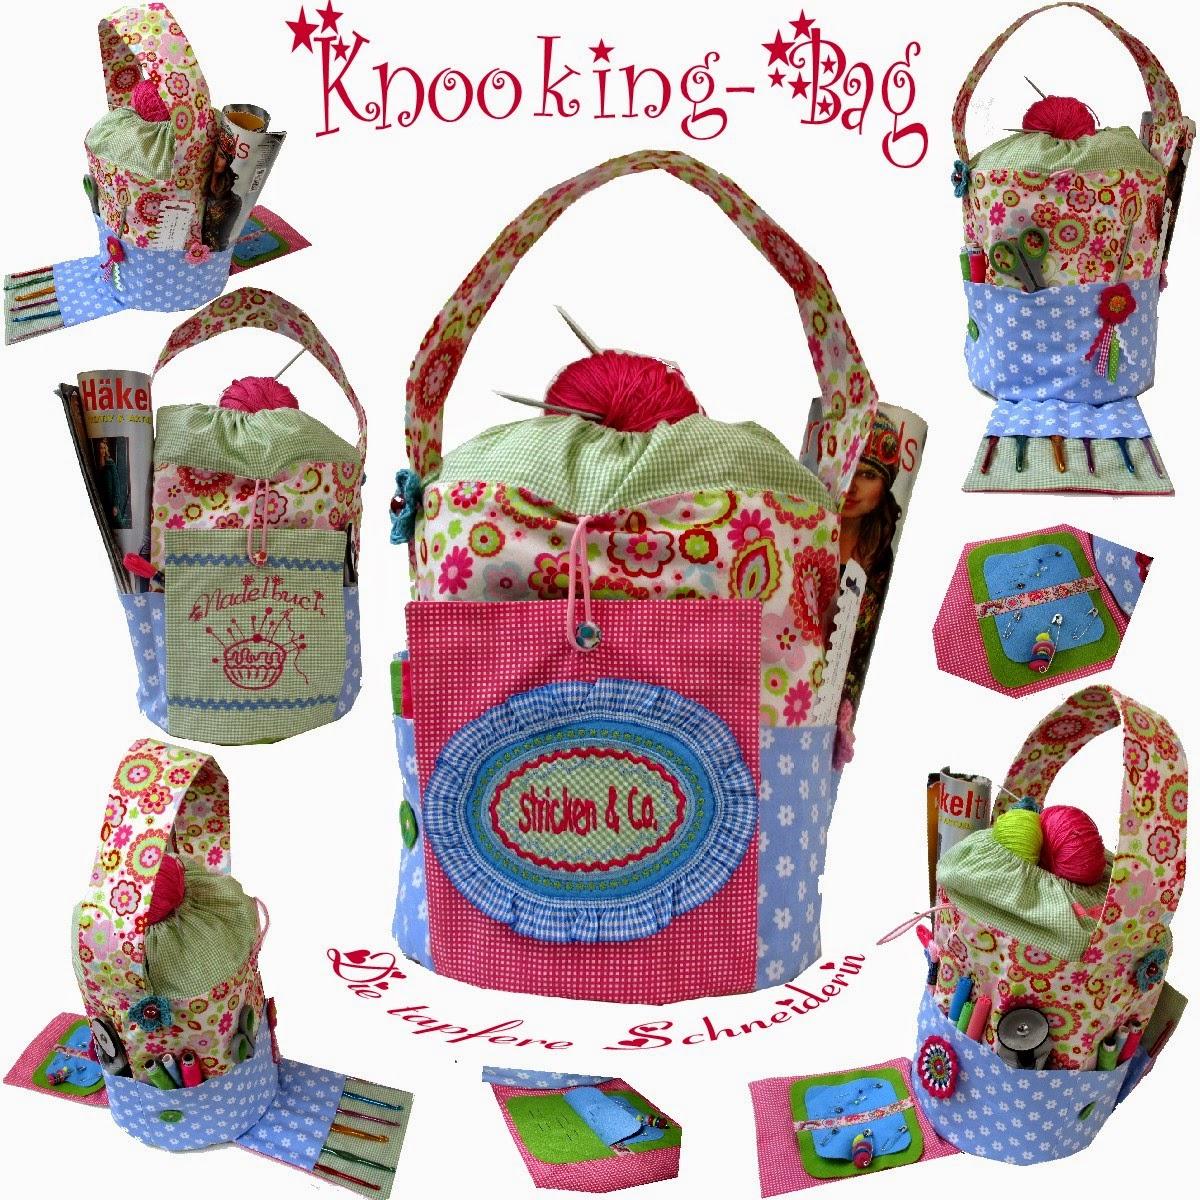 http://de.dawanda.com/product/61346371-E-Book-Naehanleitung-Handarbeitskorb-Knooking-Bag